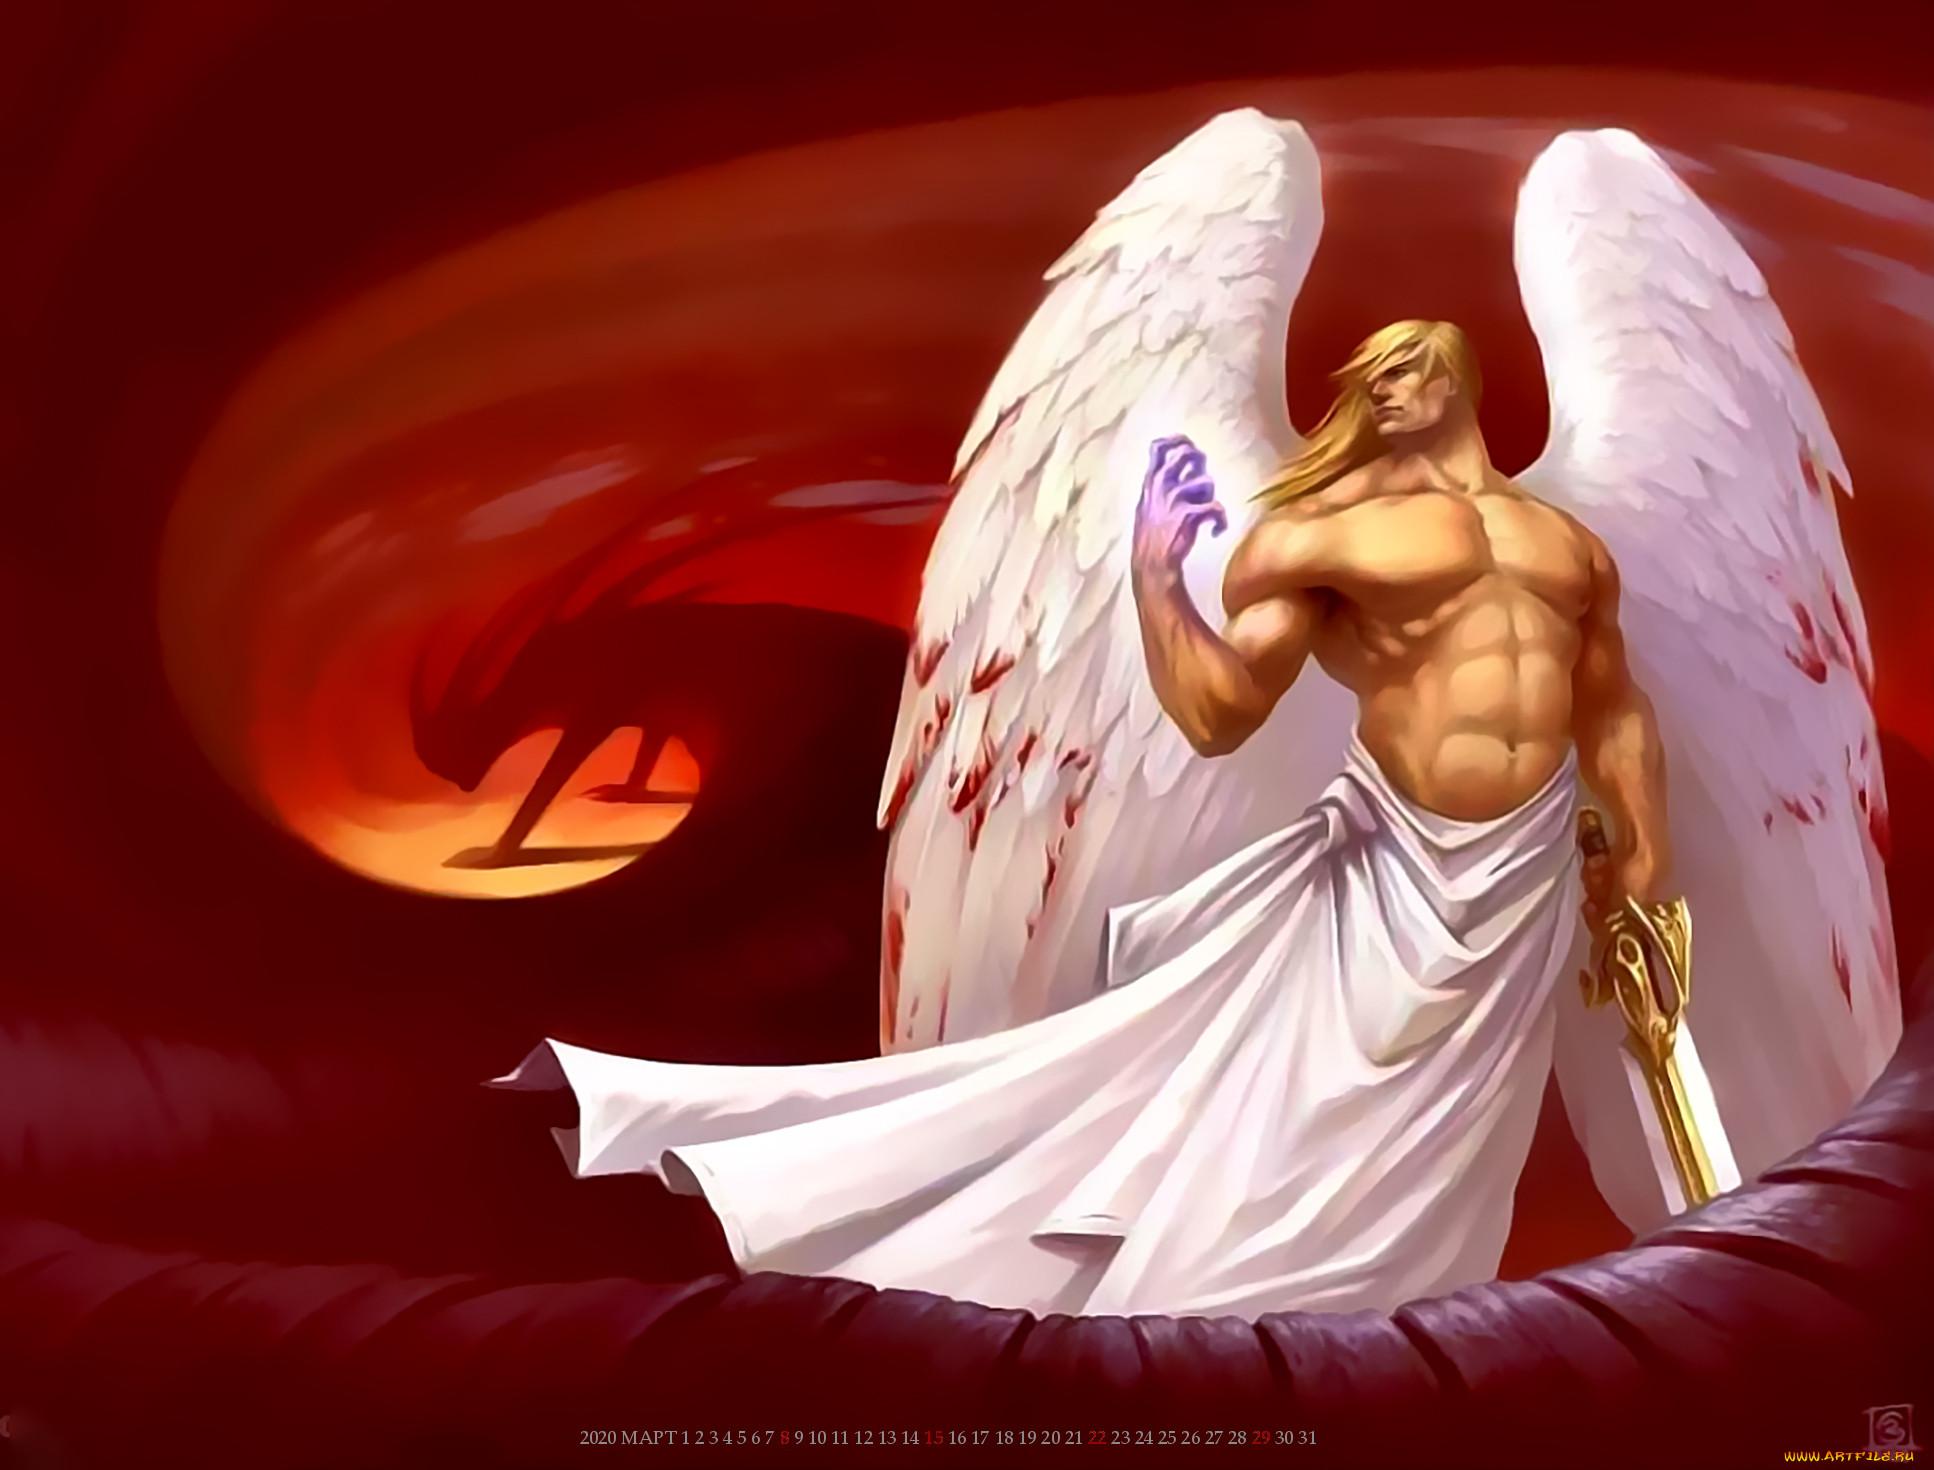 календари, фэнтези, мужчина, крылья, ангел, оружие, calendar, 2020